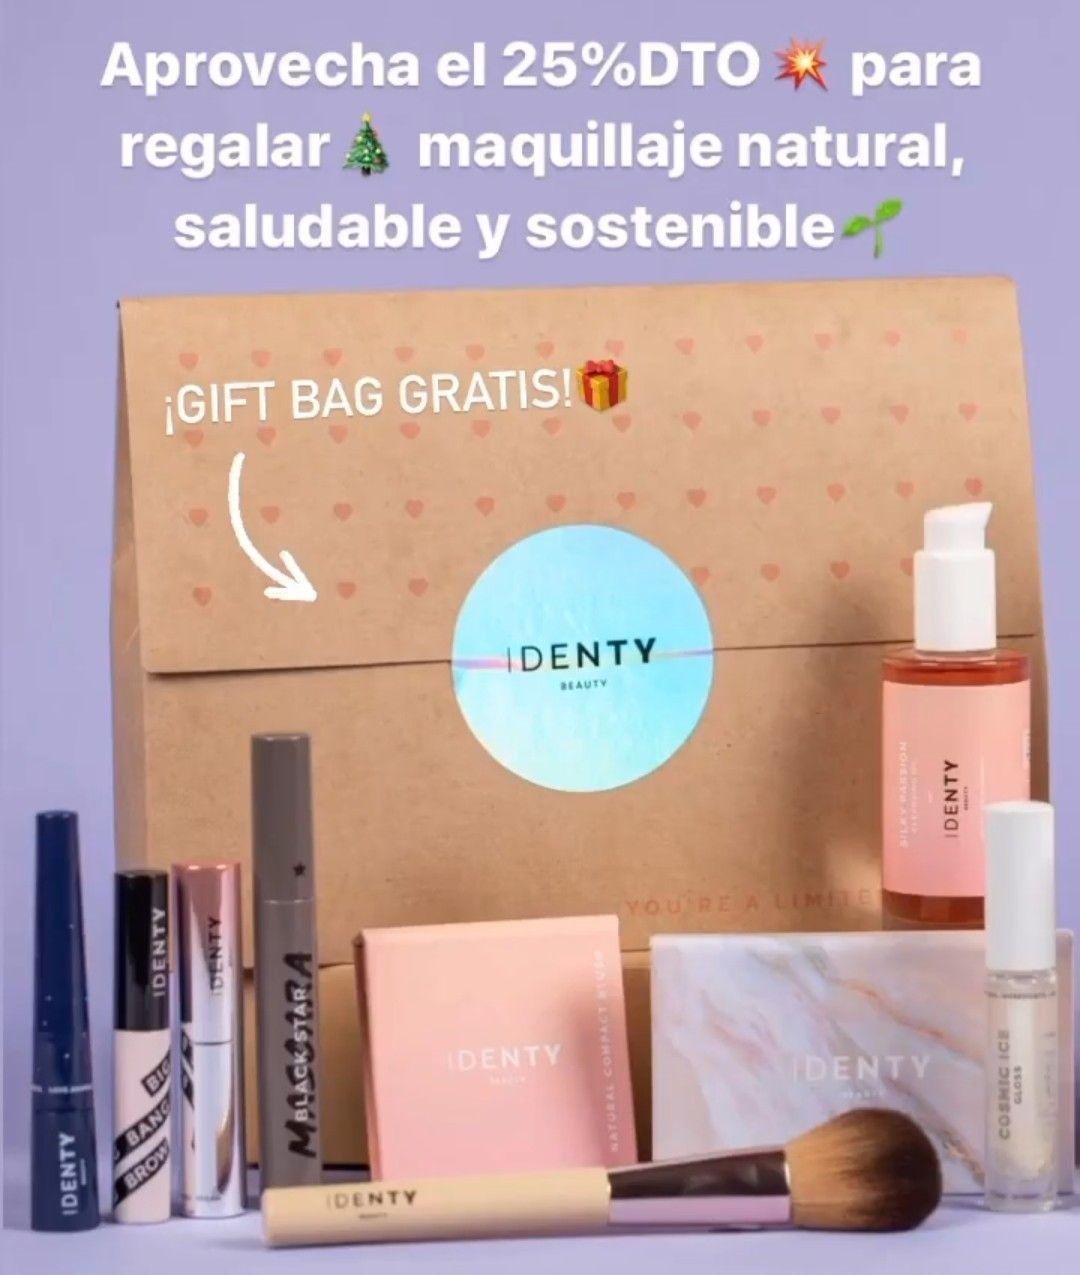 Identy Beauty TODO -25% dto.